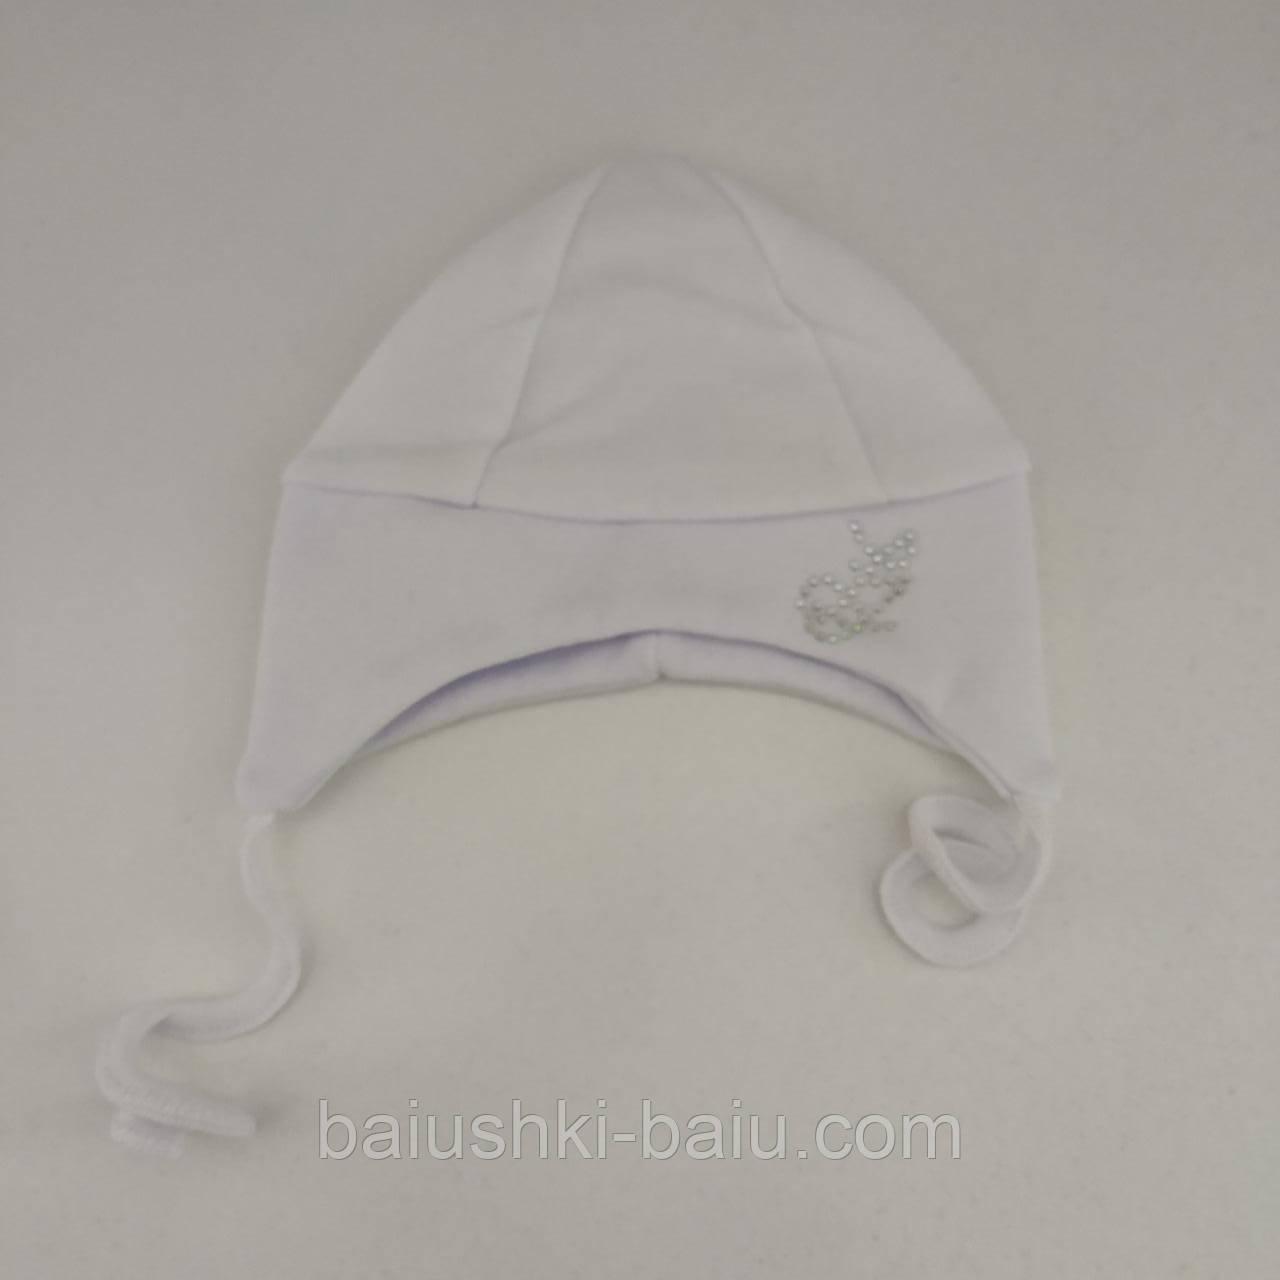 Шапка на завязках со стразами для новорожденного (интерлок), р. 0-1 мес.